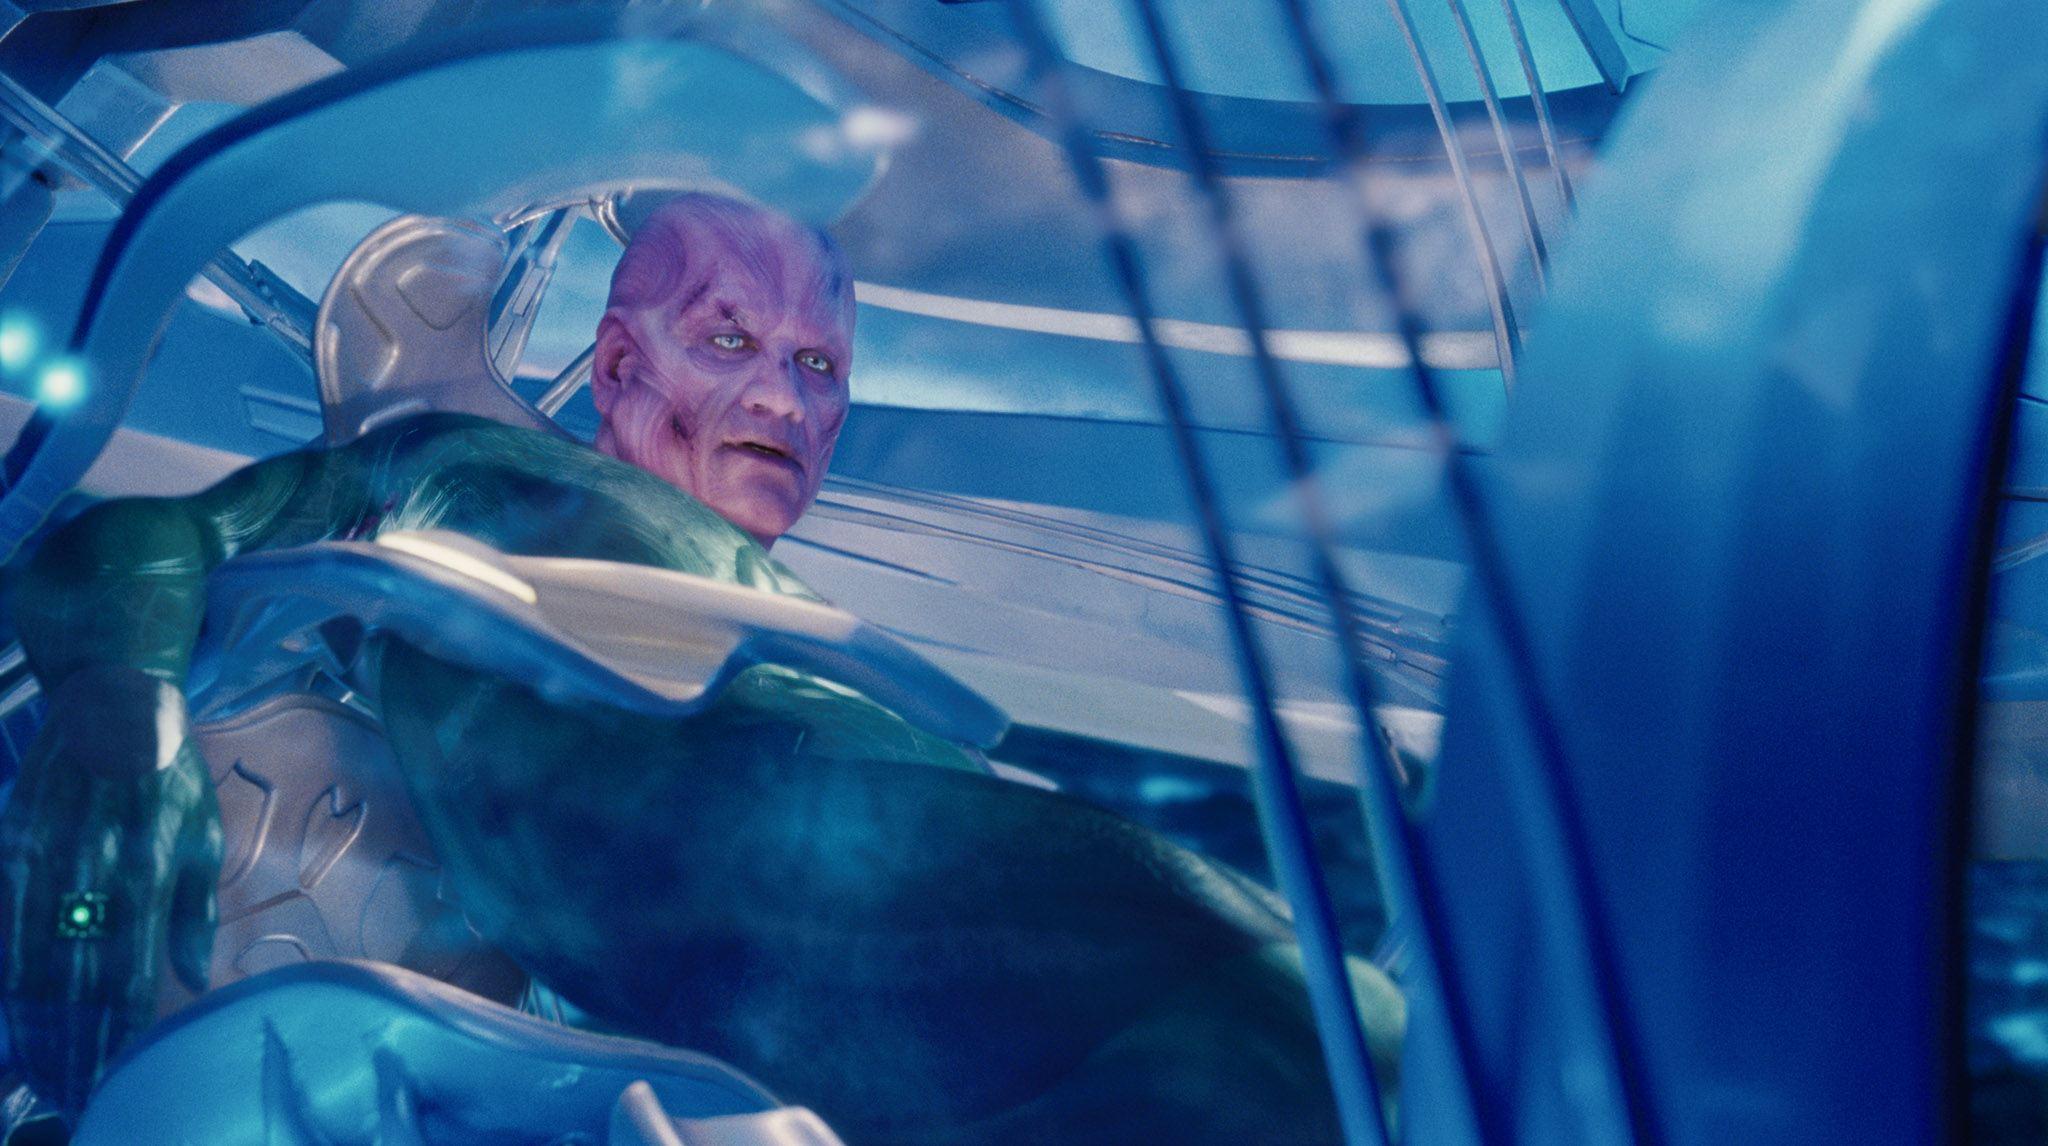 кадры из фильма Зеленый Фонарь Темуера Моррисон,